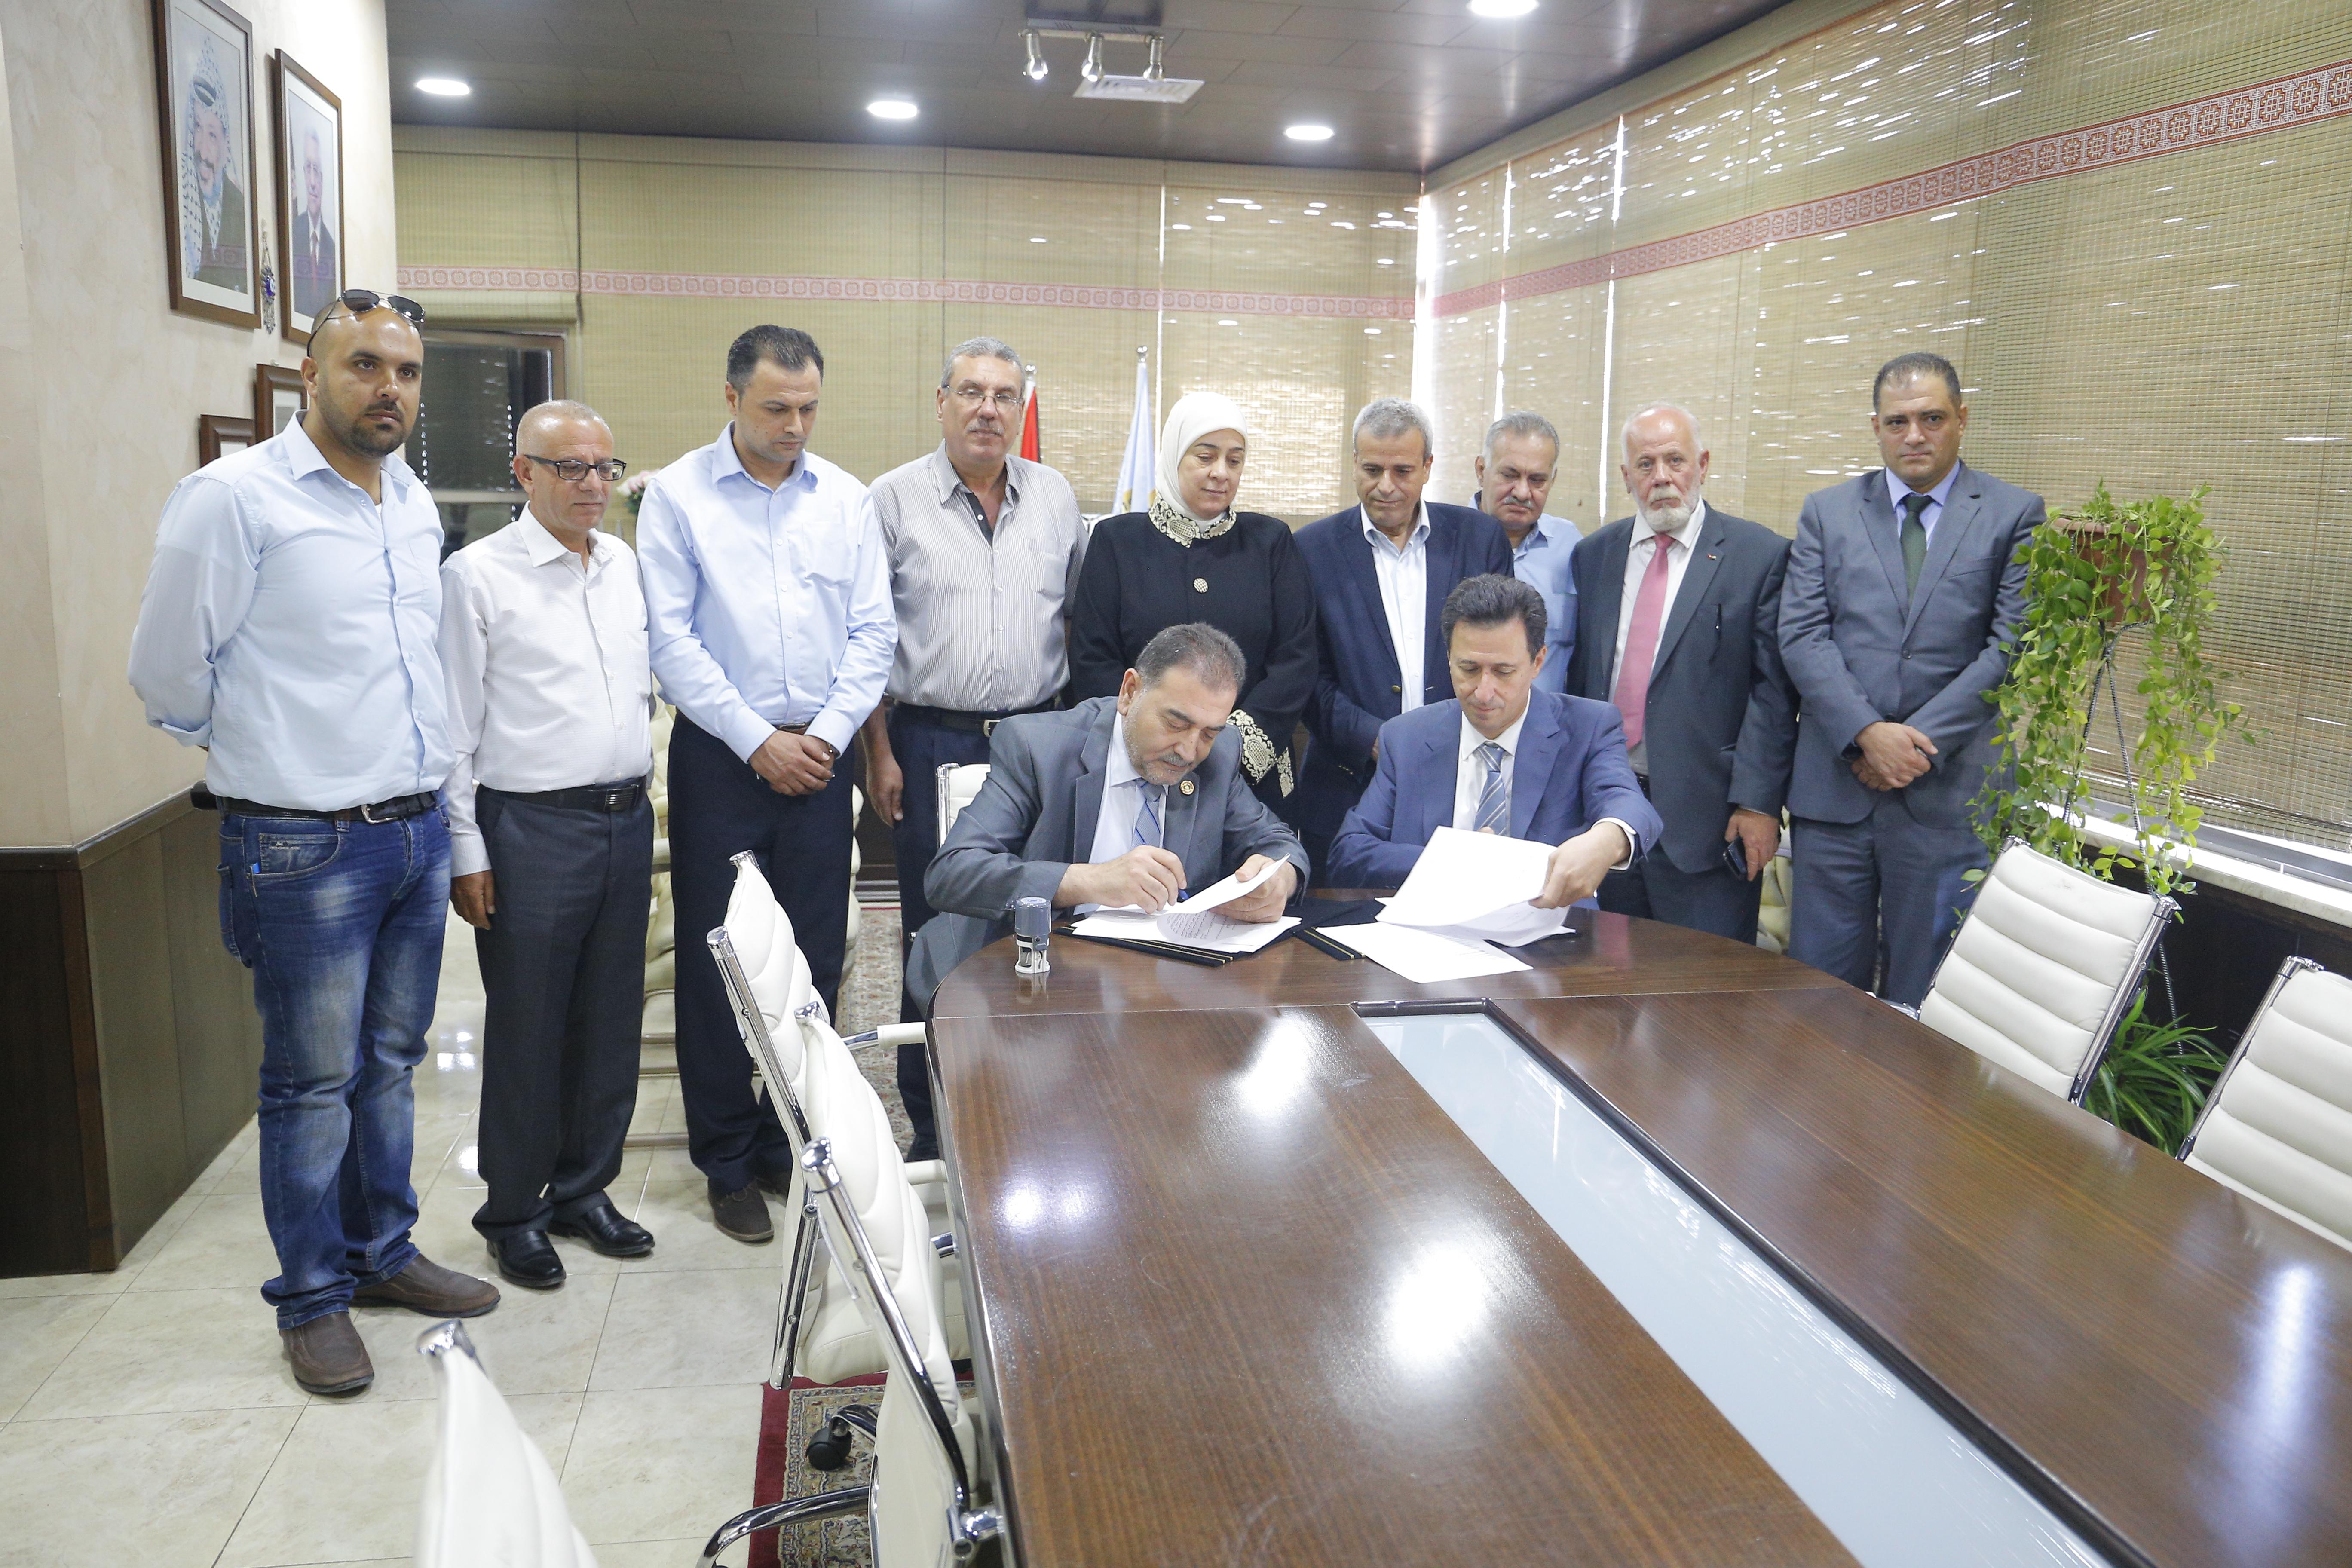 برعاية د.غنام توقيع اتفاقية لانشاء مدرسة في قلقيلية بتبرع من رجل الاعمال حماد الحرازين